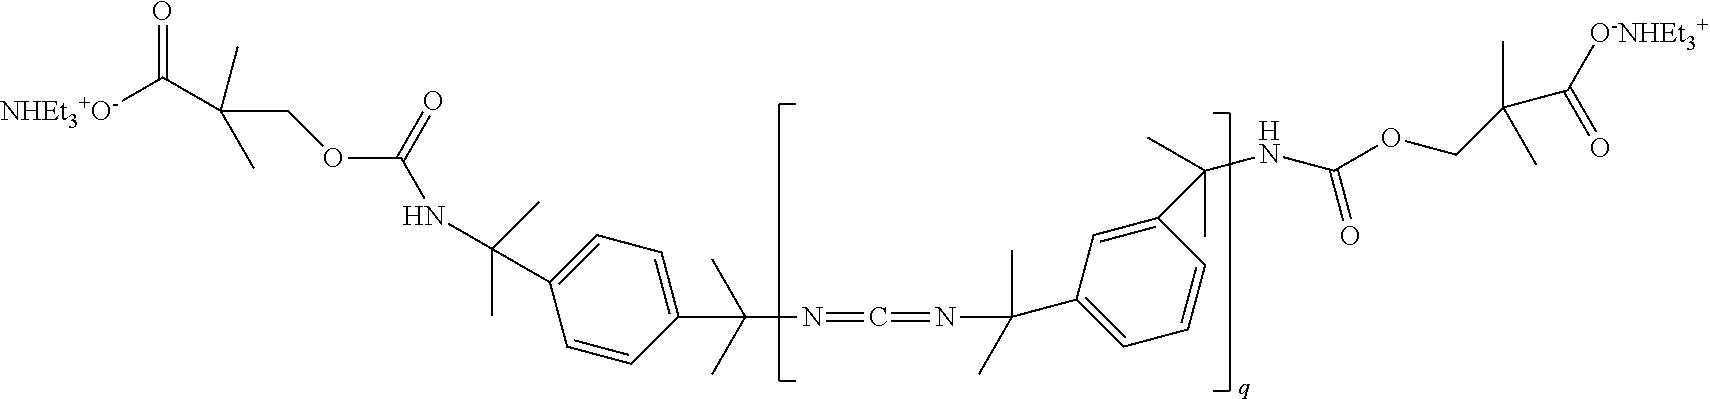 Figure US08076445-20111213-C00011